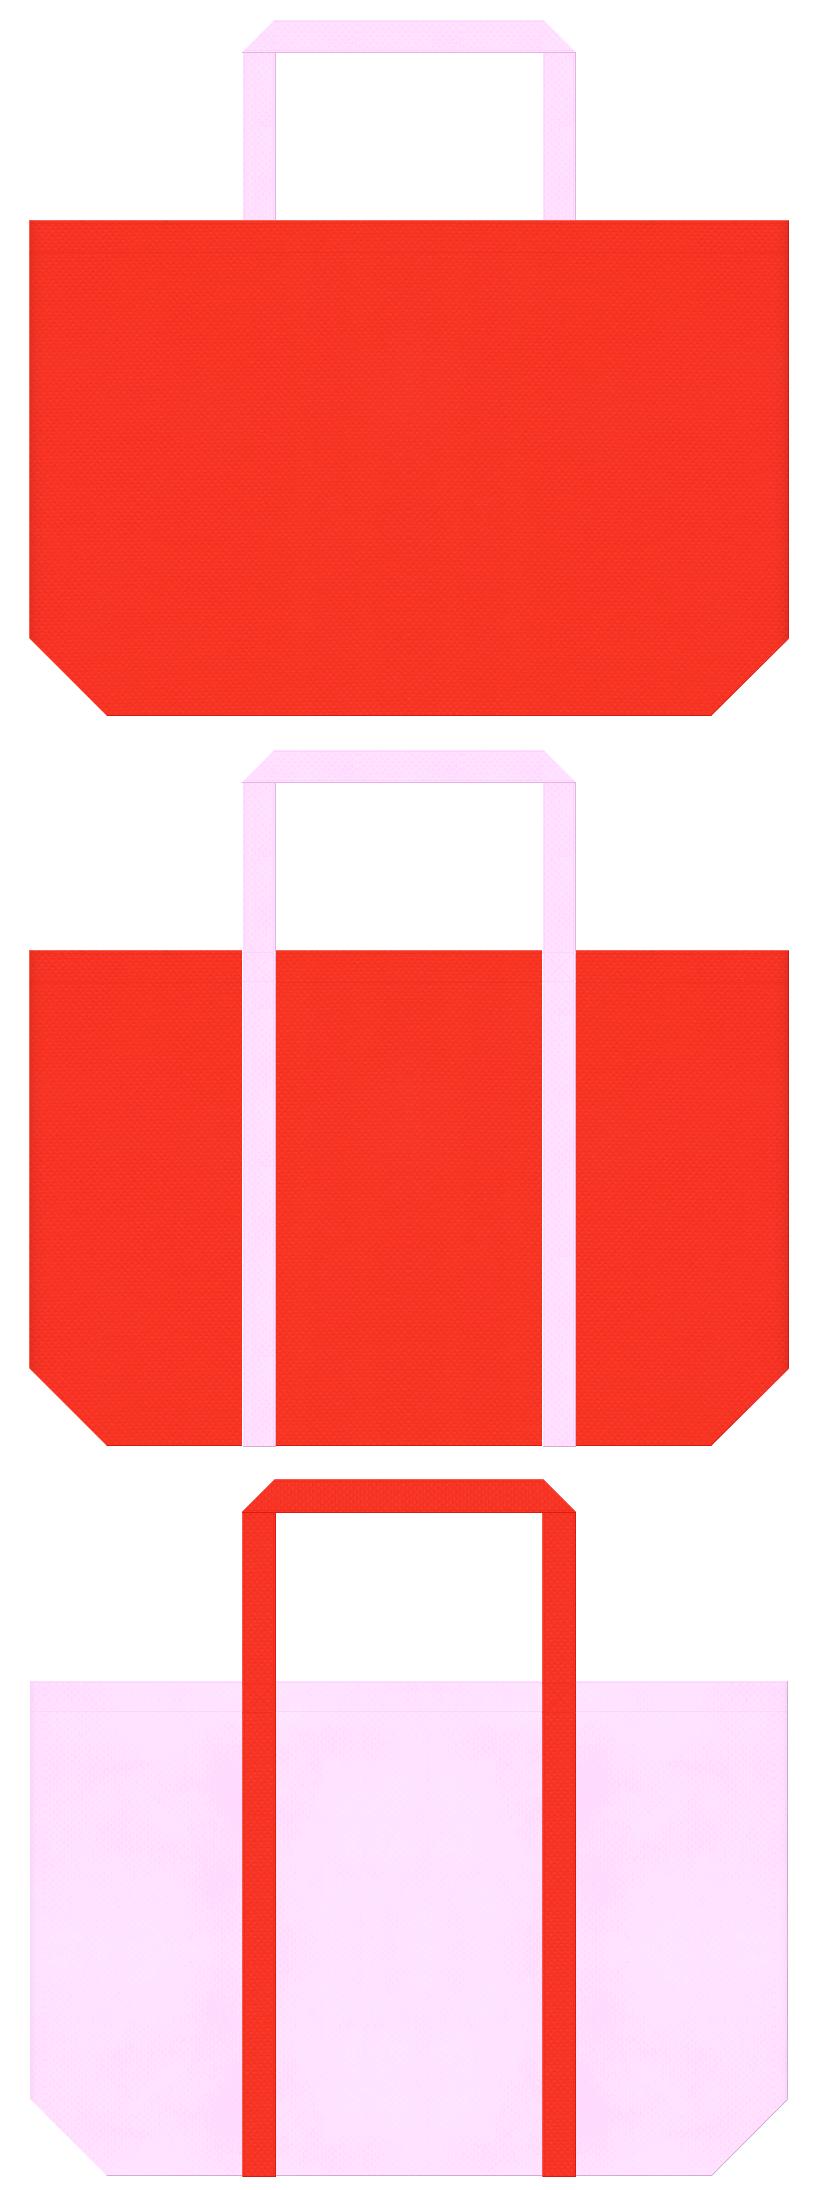 オレンジ色と明るいピンク色の不織布ショッピングバッグデザイン。